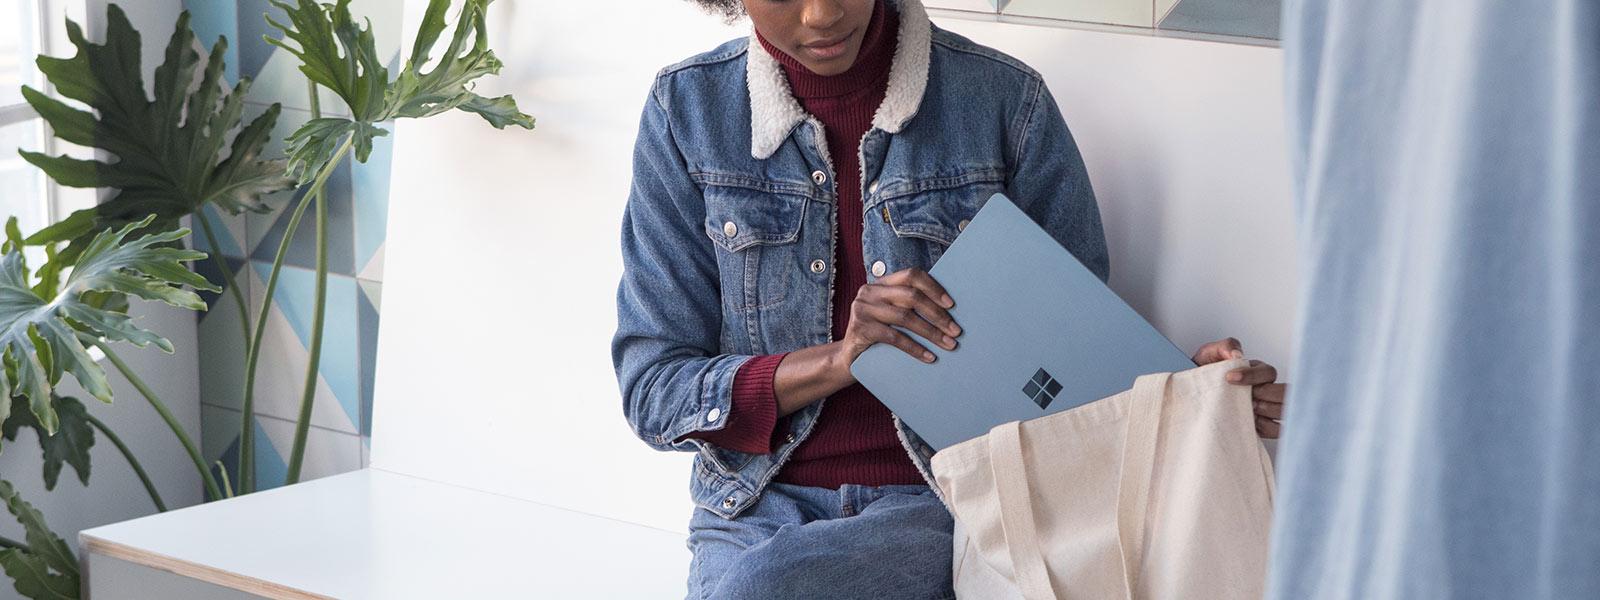 女人将 Surface Laptop 放入包中。